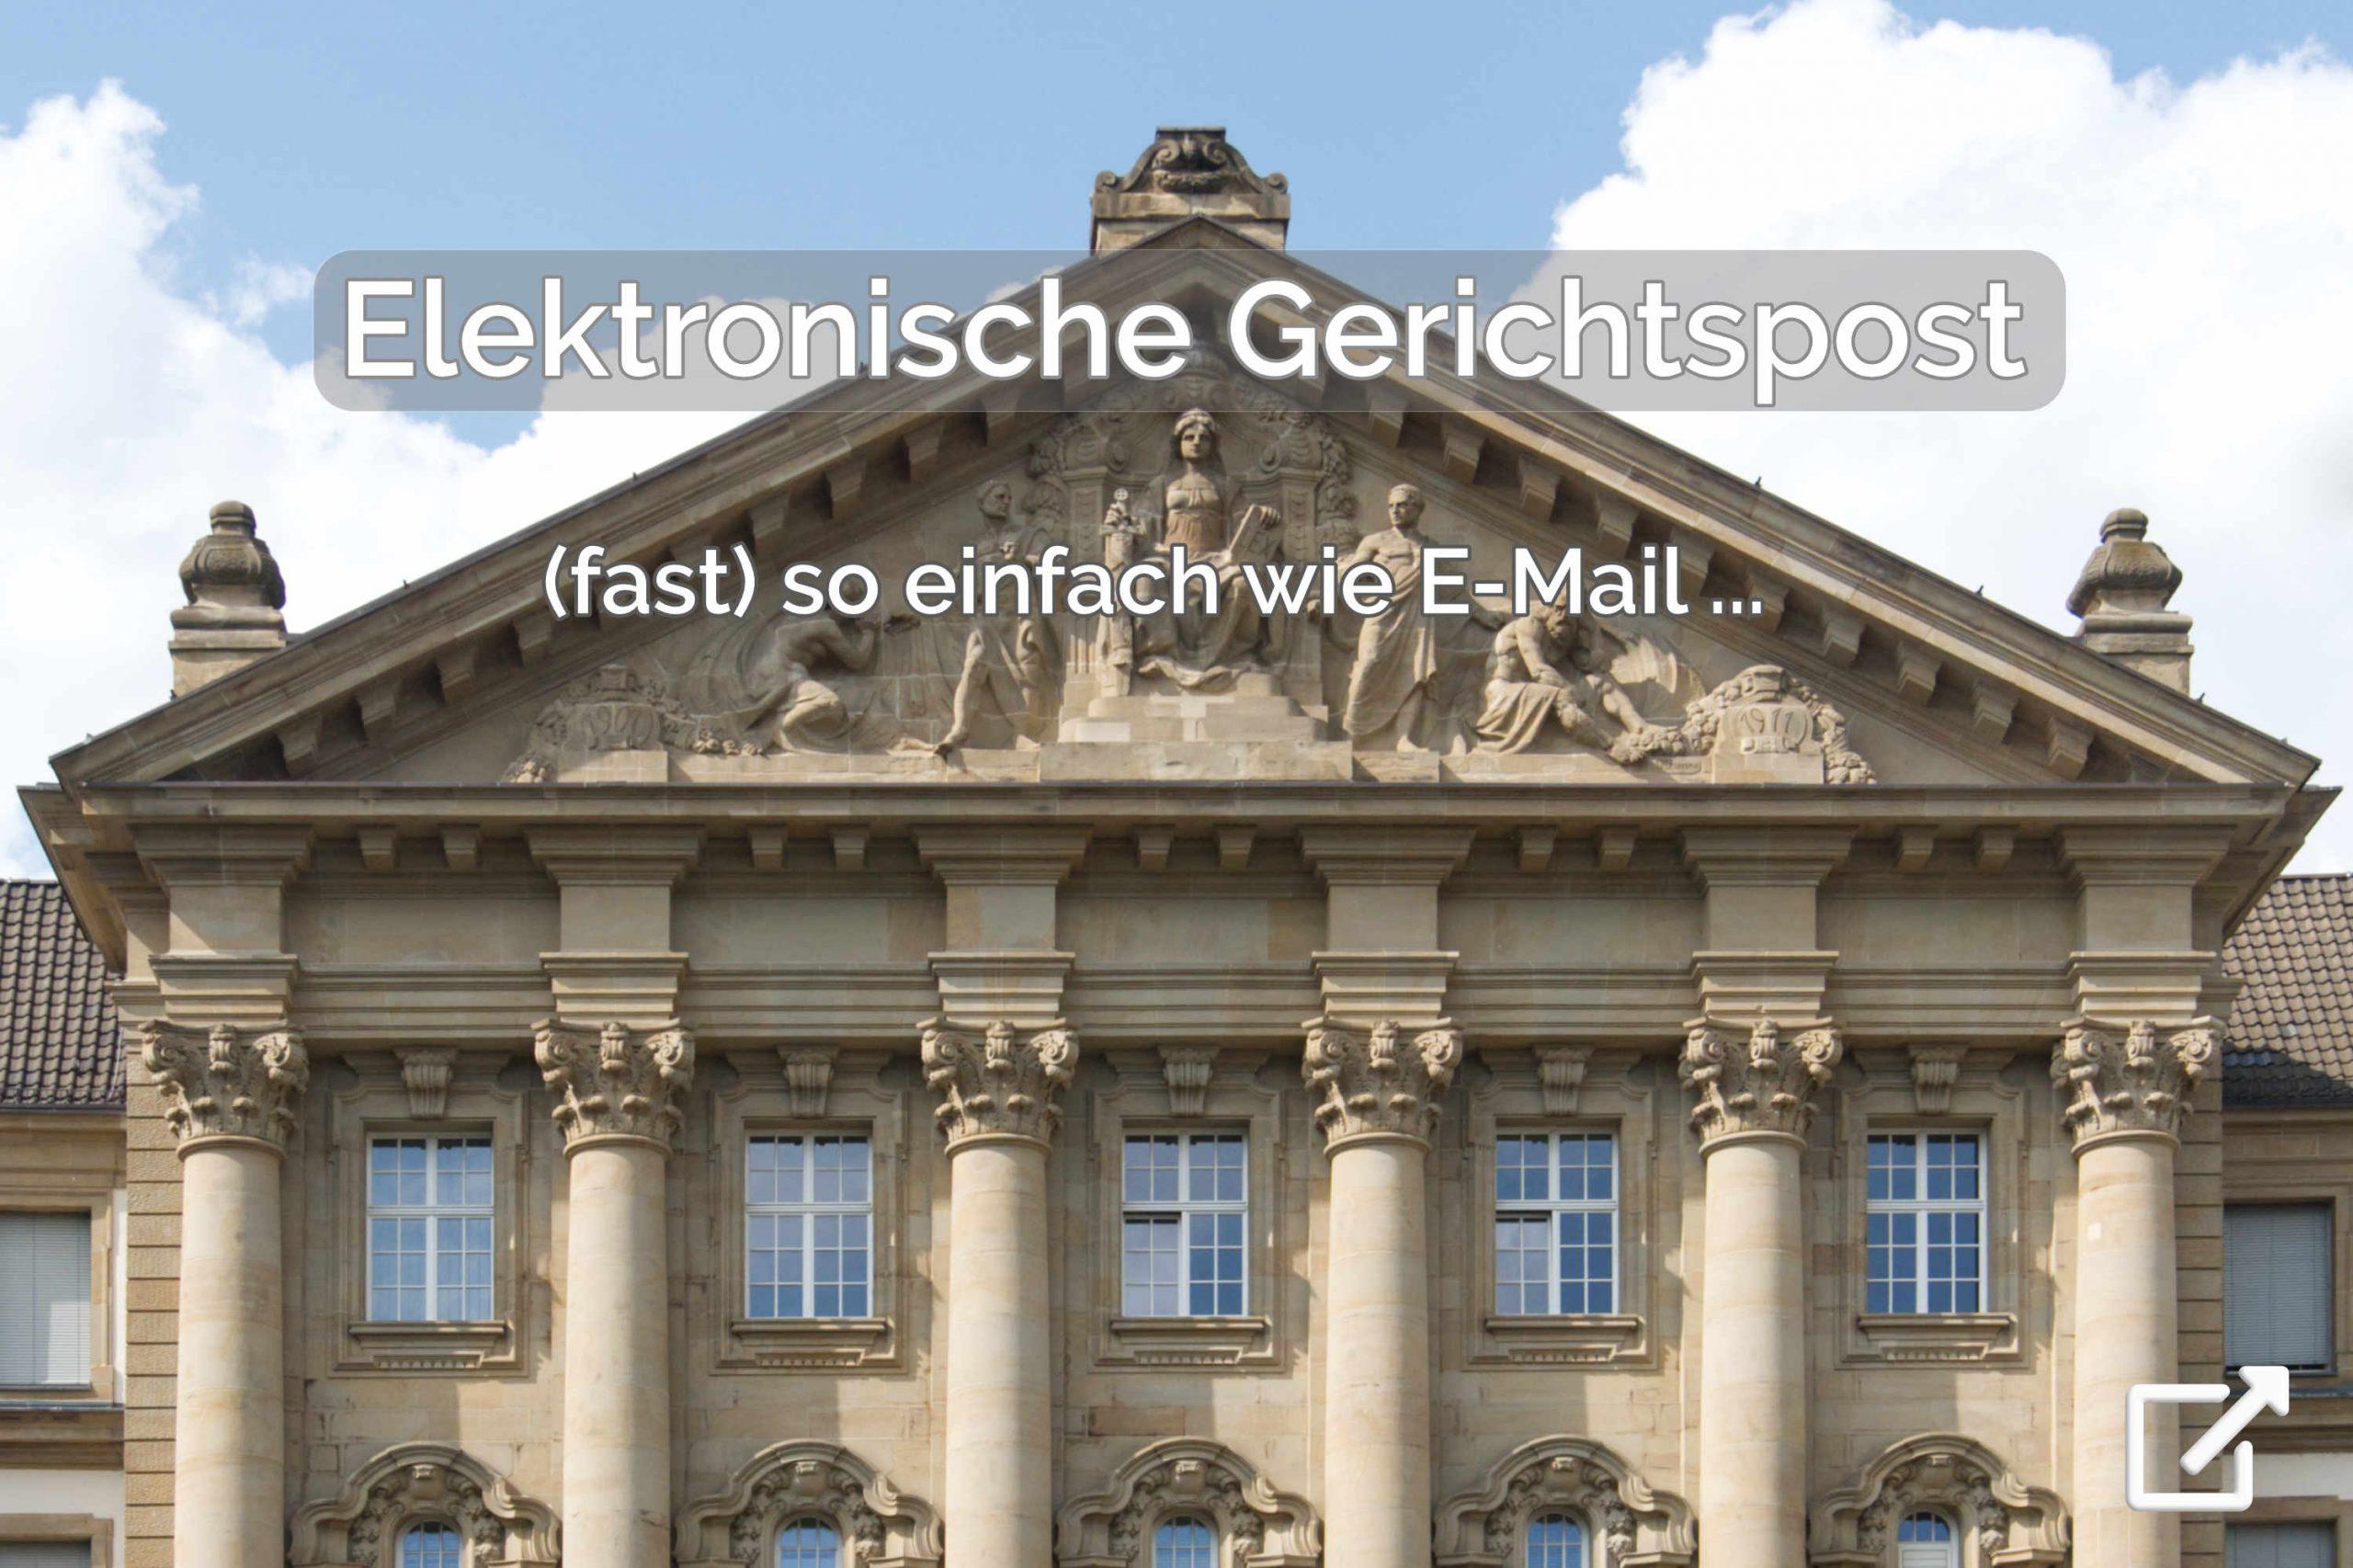 Elektronische Gerichtspost (fast) so einfach wie E-Mail - elektronischer Rechtsverkehr (ERV) mit dem Anwaltspostfach (beA) oder Governikus Communicator (via EGVP) - mit der Premium Anwaltssoftware LawFirm (OLG Köln) für Kanzlei, Rechtsabteilung und Inkasso-Unternehmen